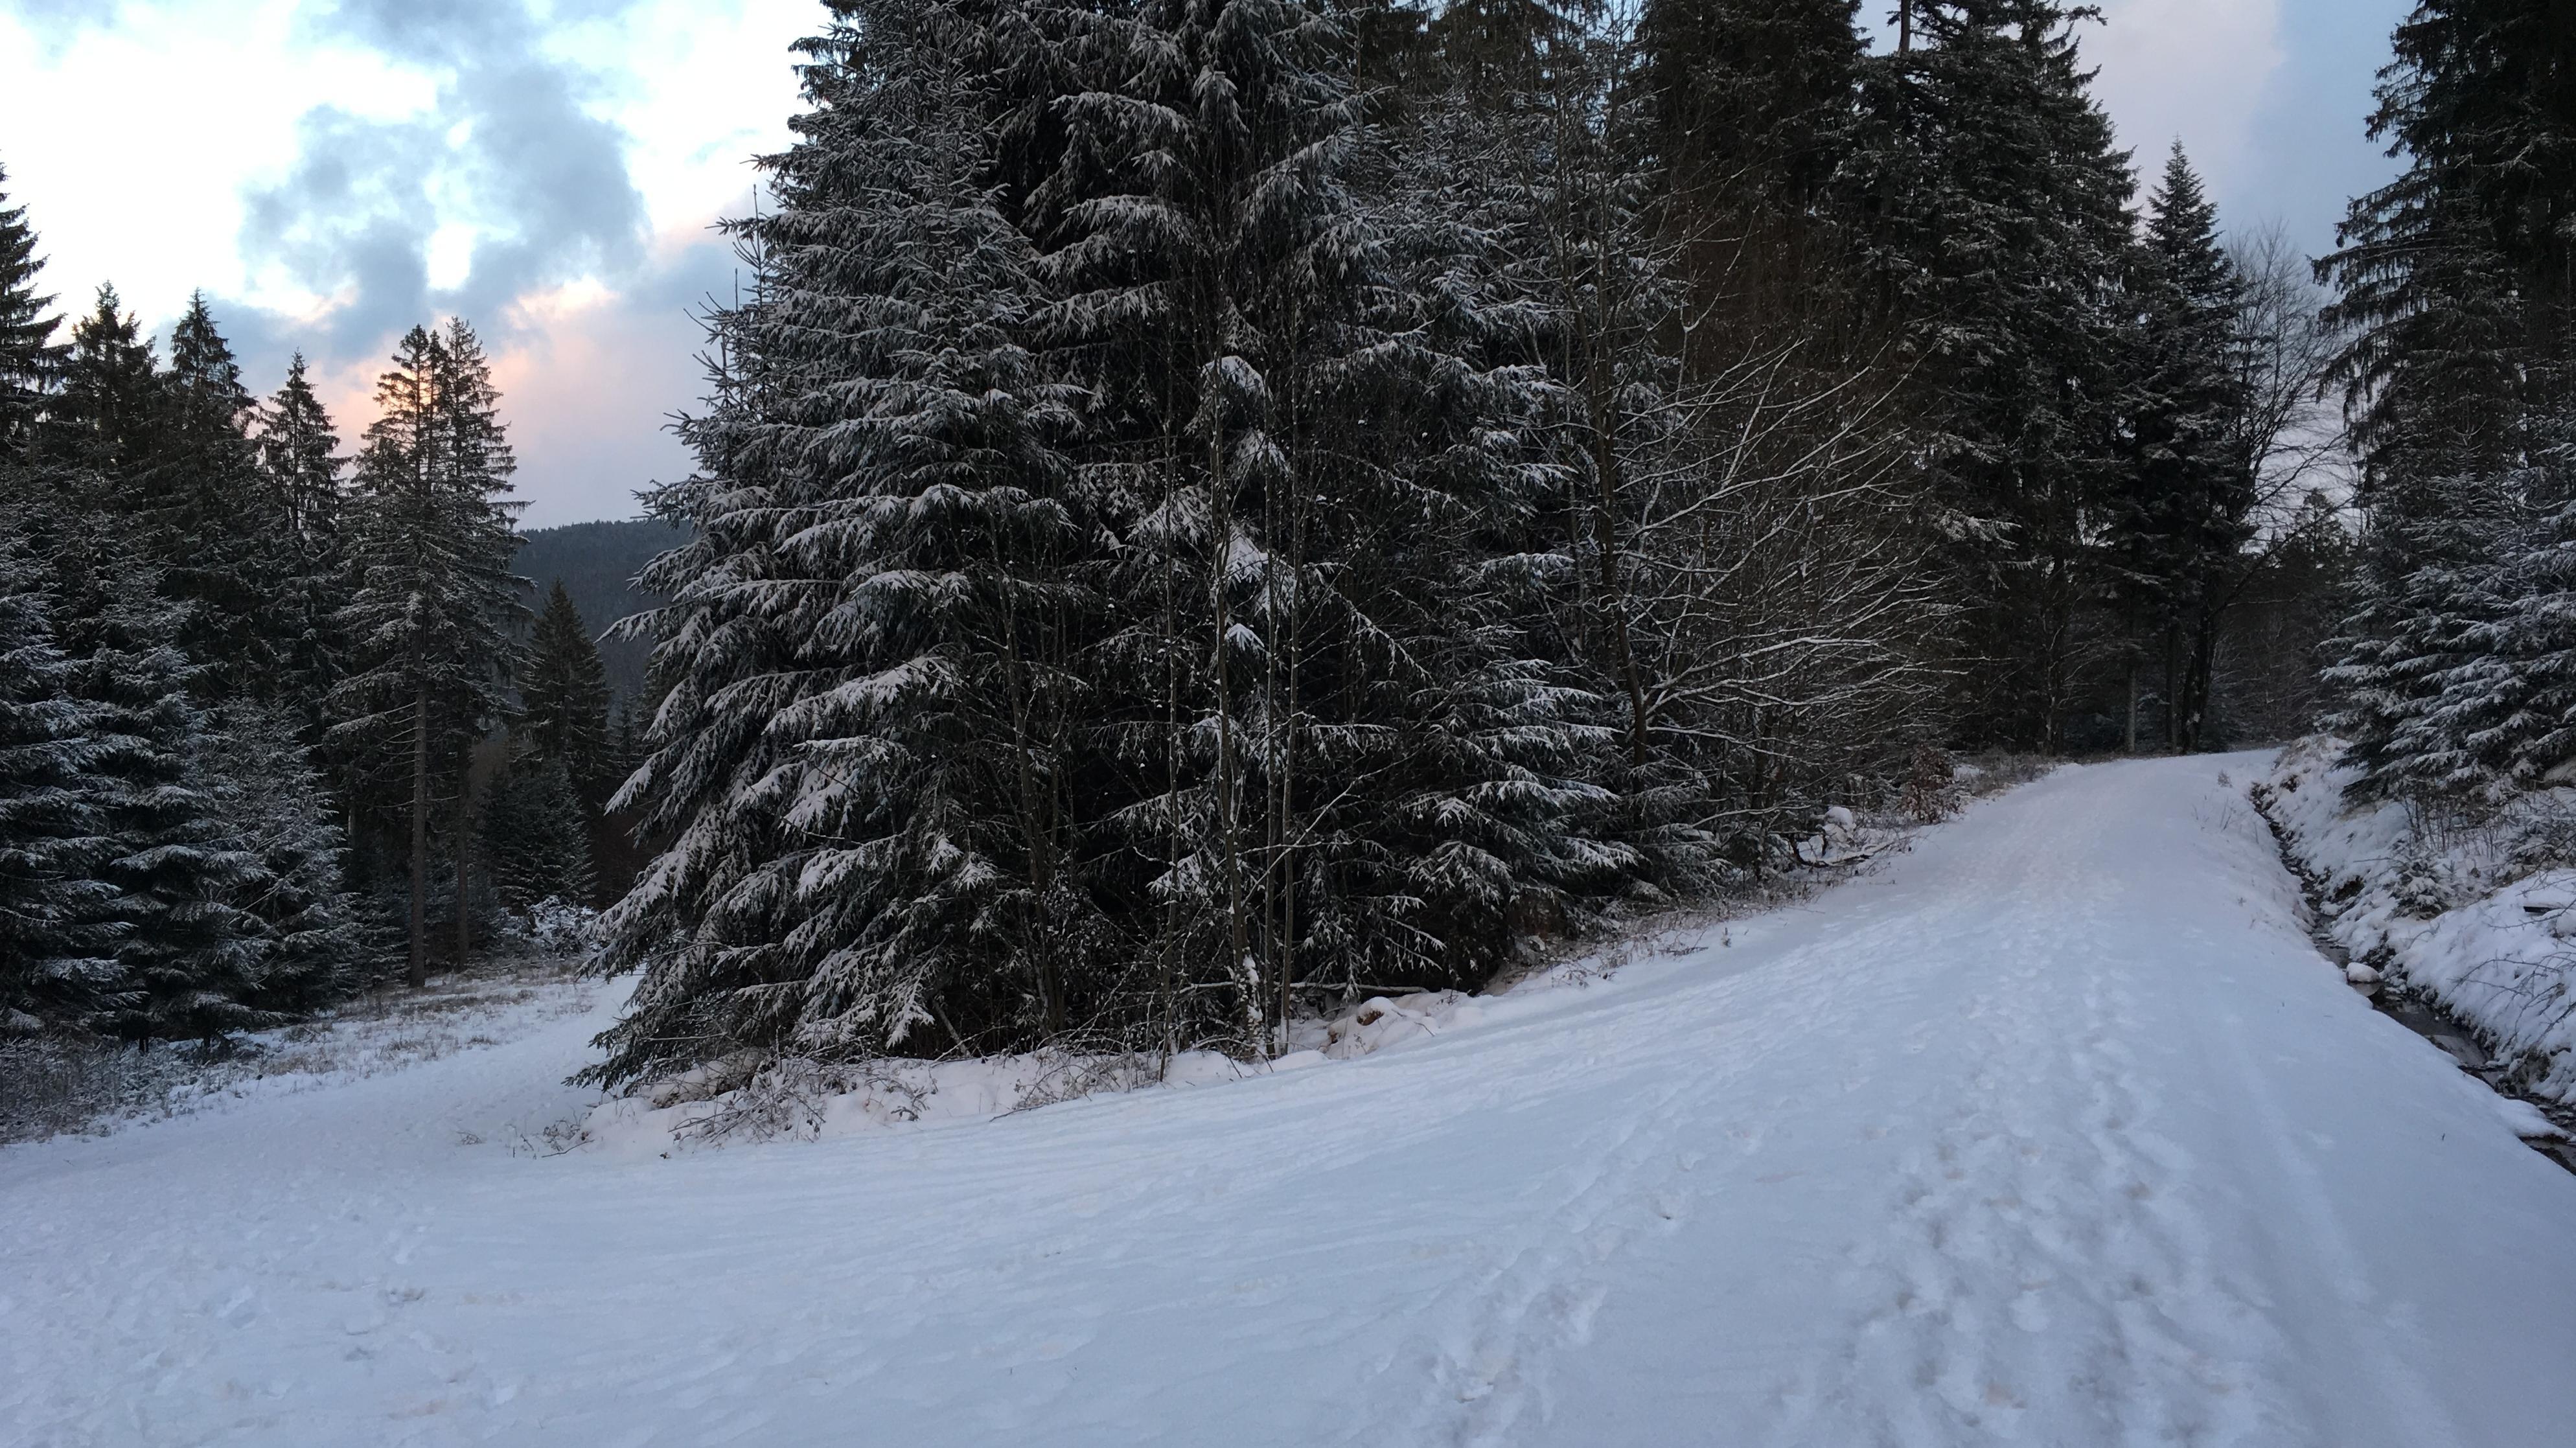 Unterwegs auf dem Winterwanderweg am Ochsenkopf